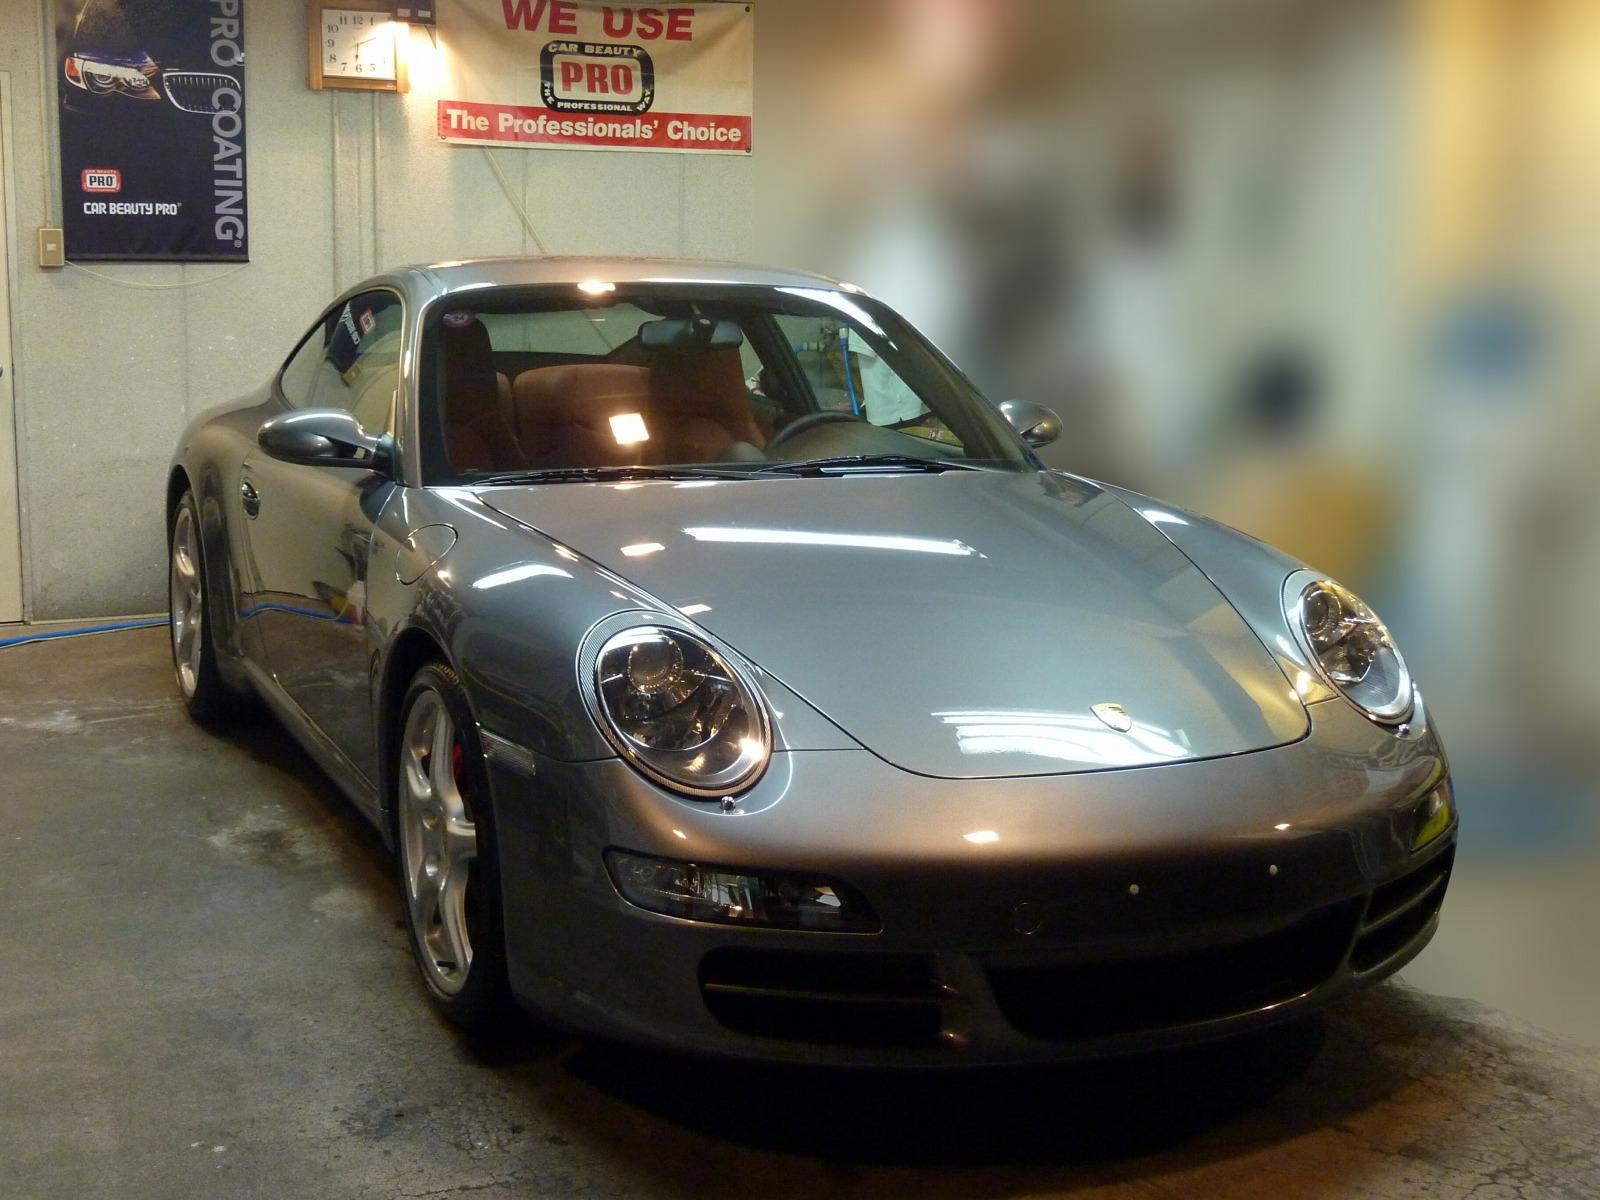 20131108-porsche-911-carreras-01